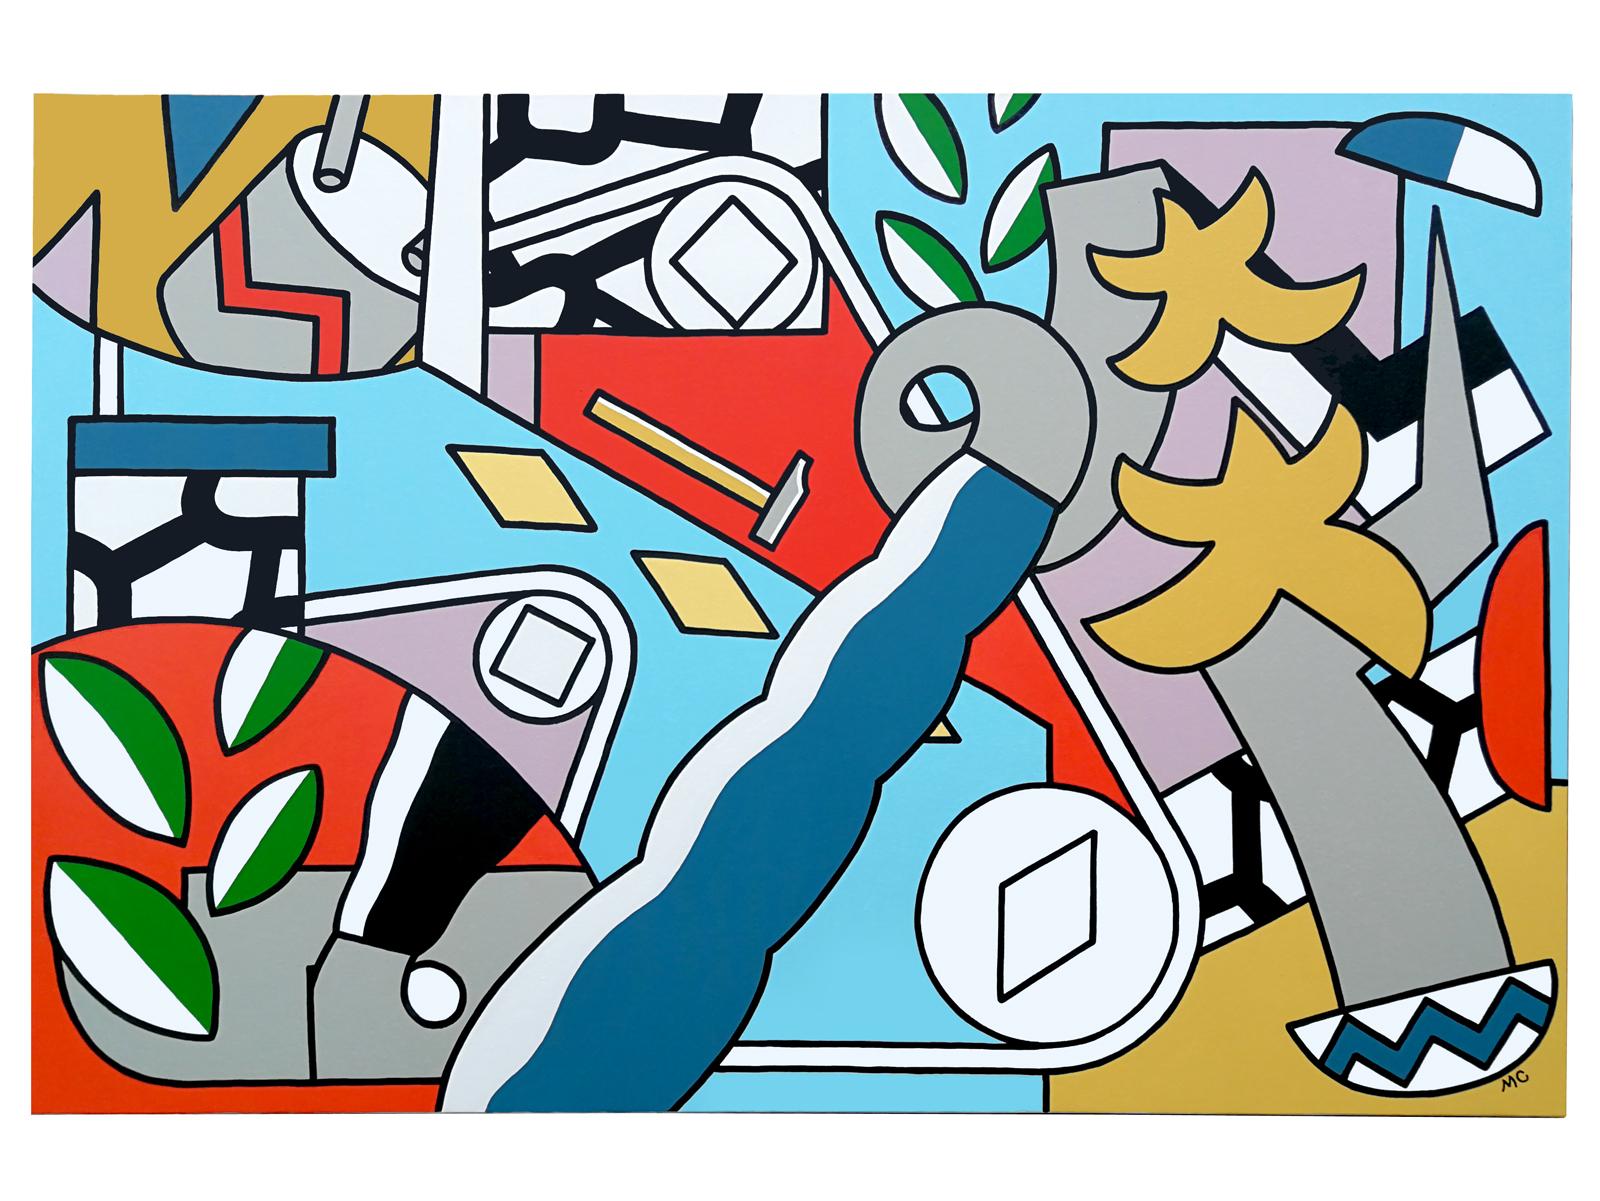 """"""" Le coin d'architecture manquée """" - Acrylic on canvas - 97 x 146 cm - 2019"""